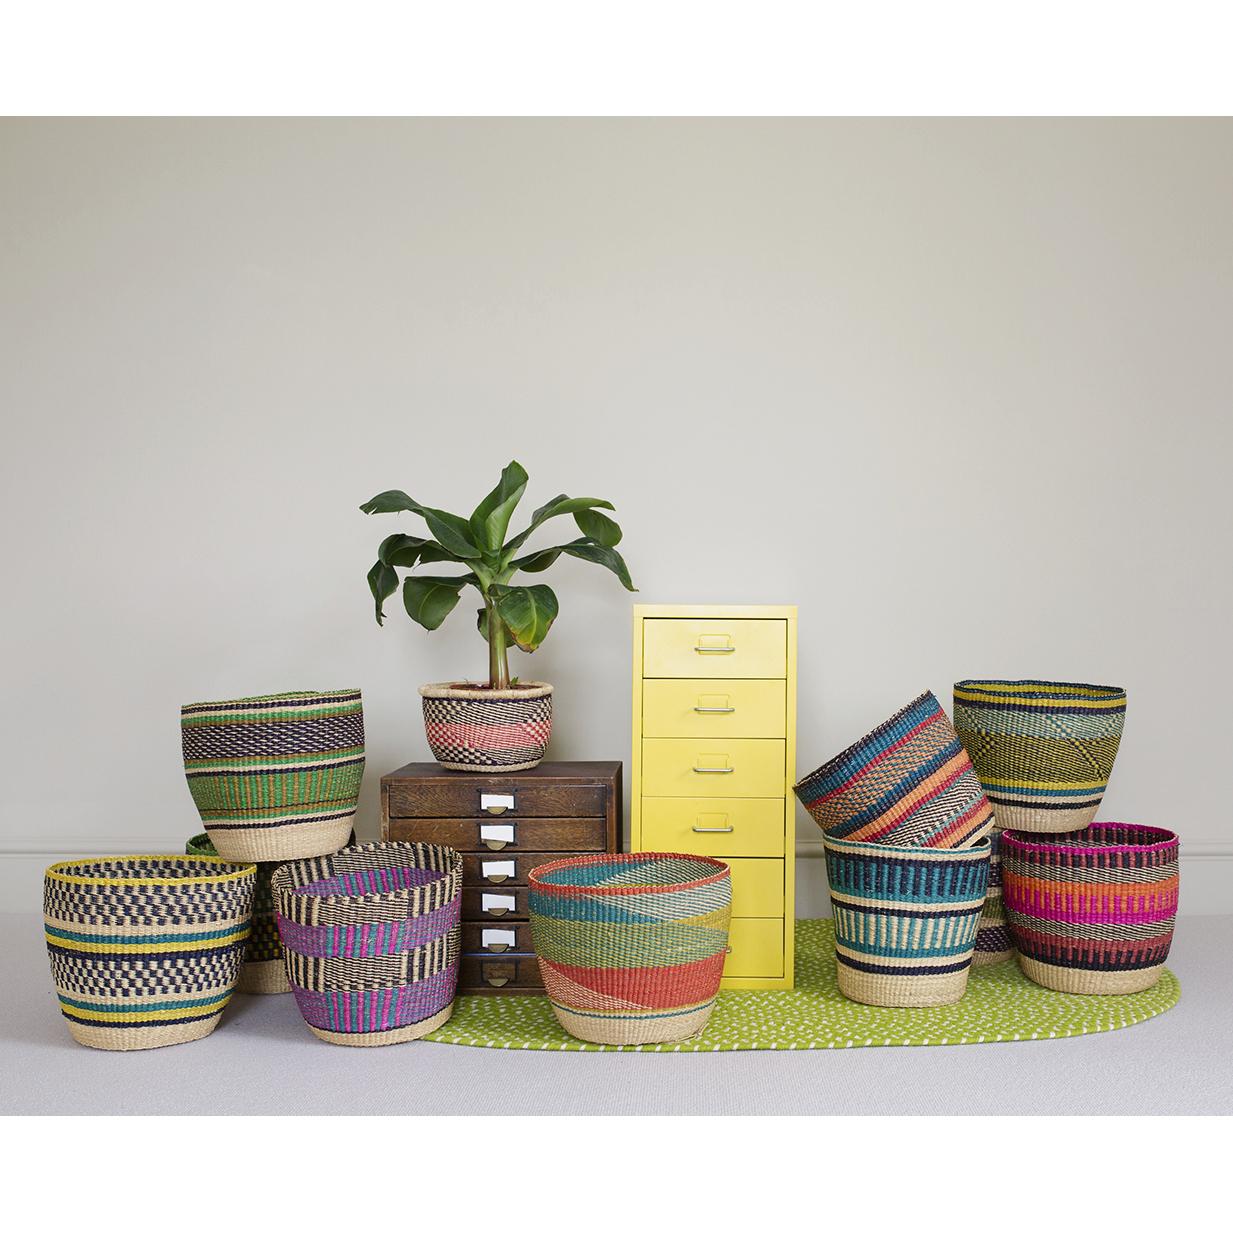 Wastepaper Baskets